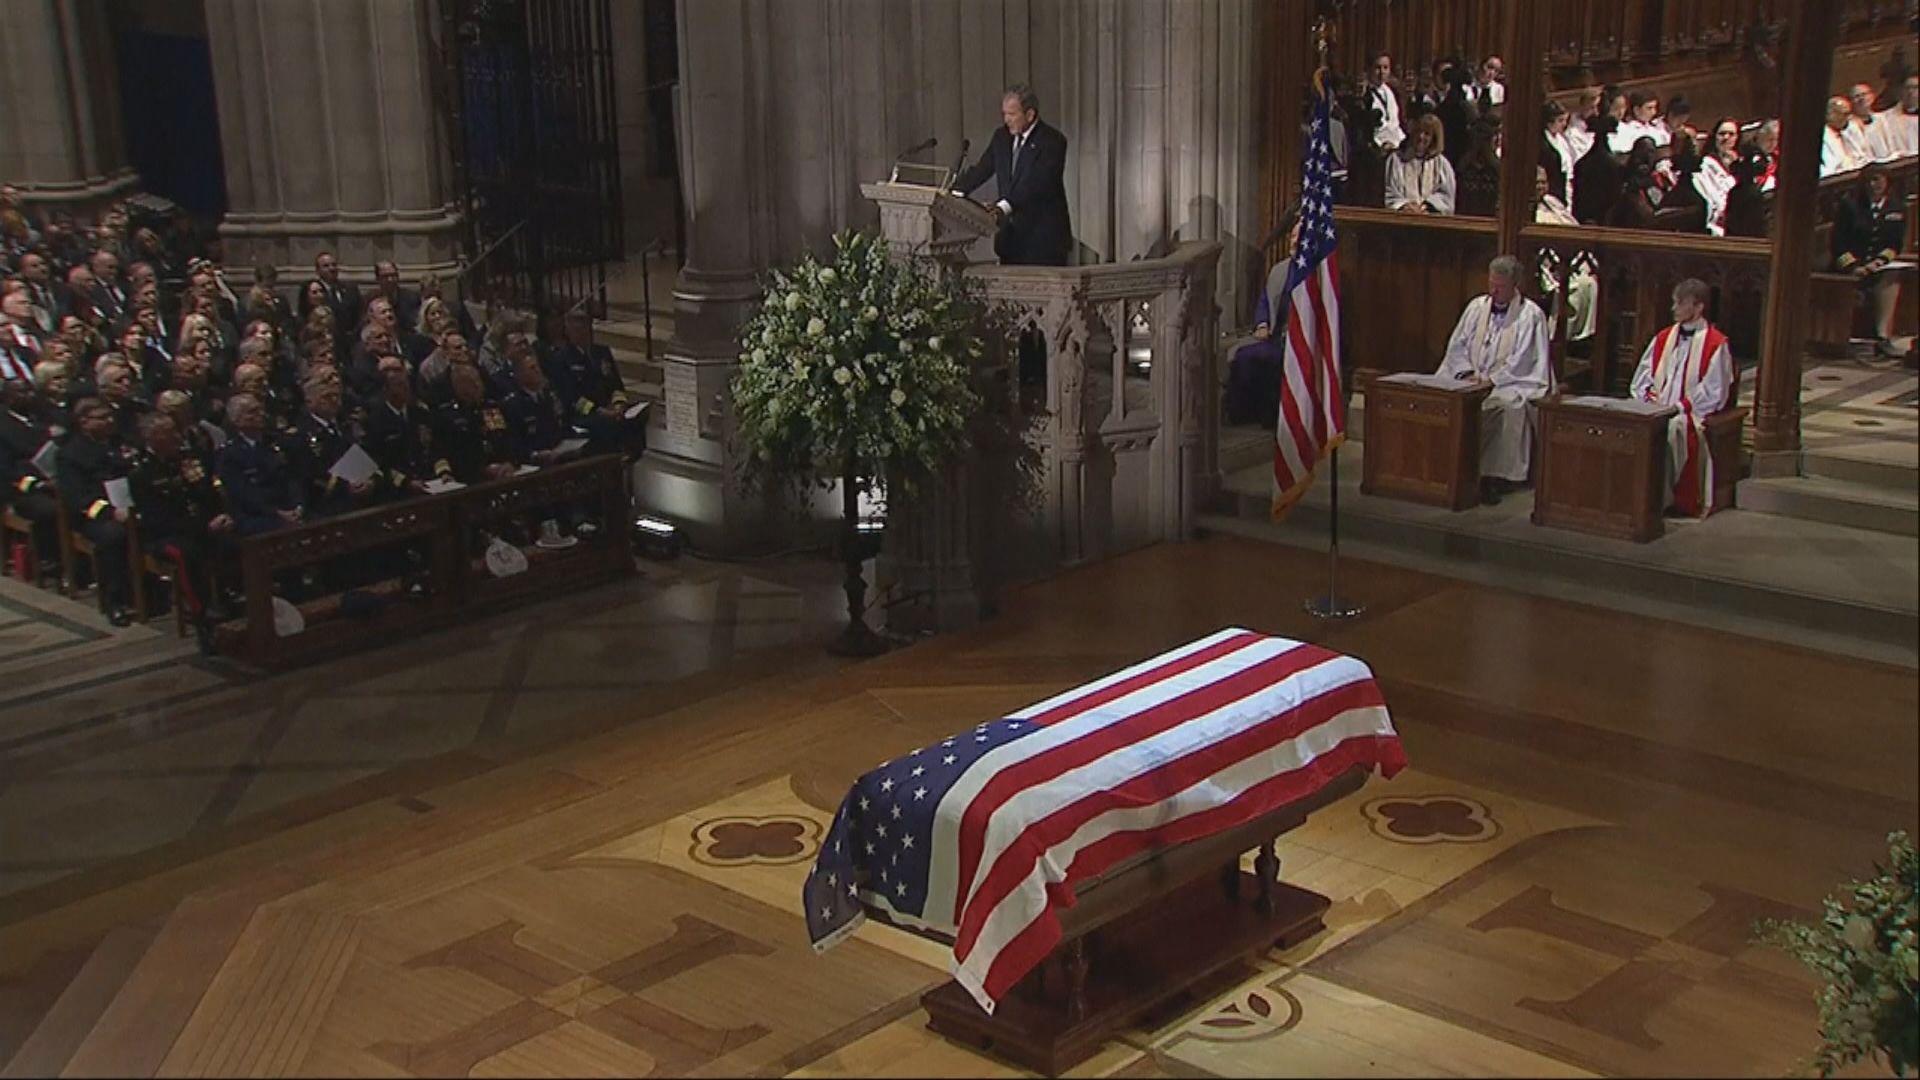 老布殊國葬儀式於華盛頓國家大教堂舉行